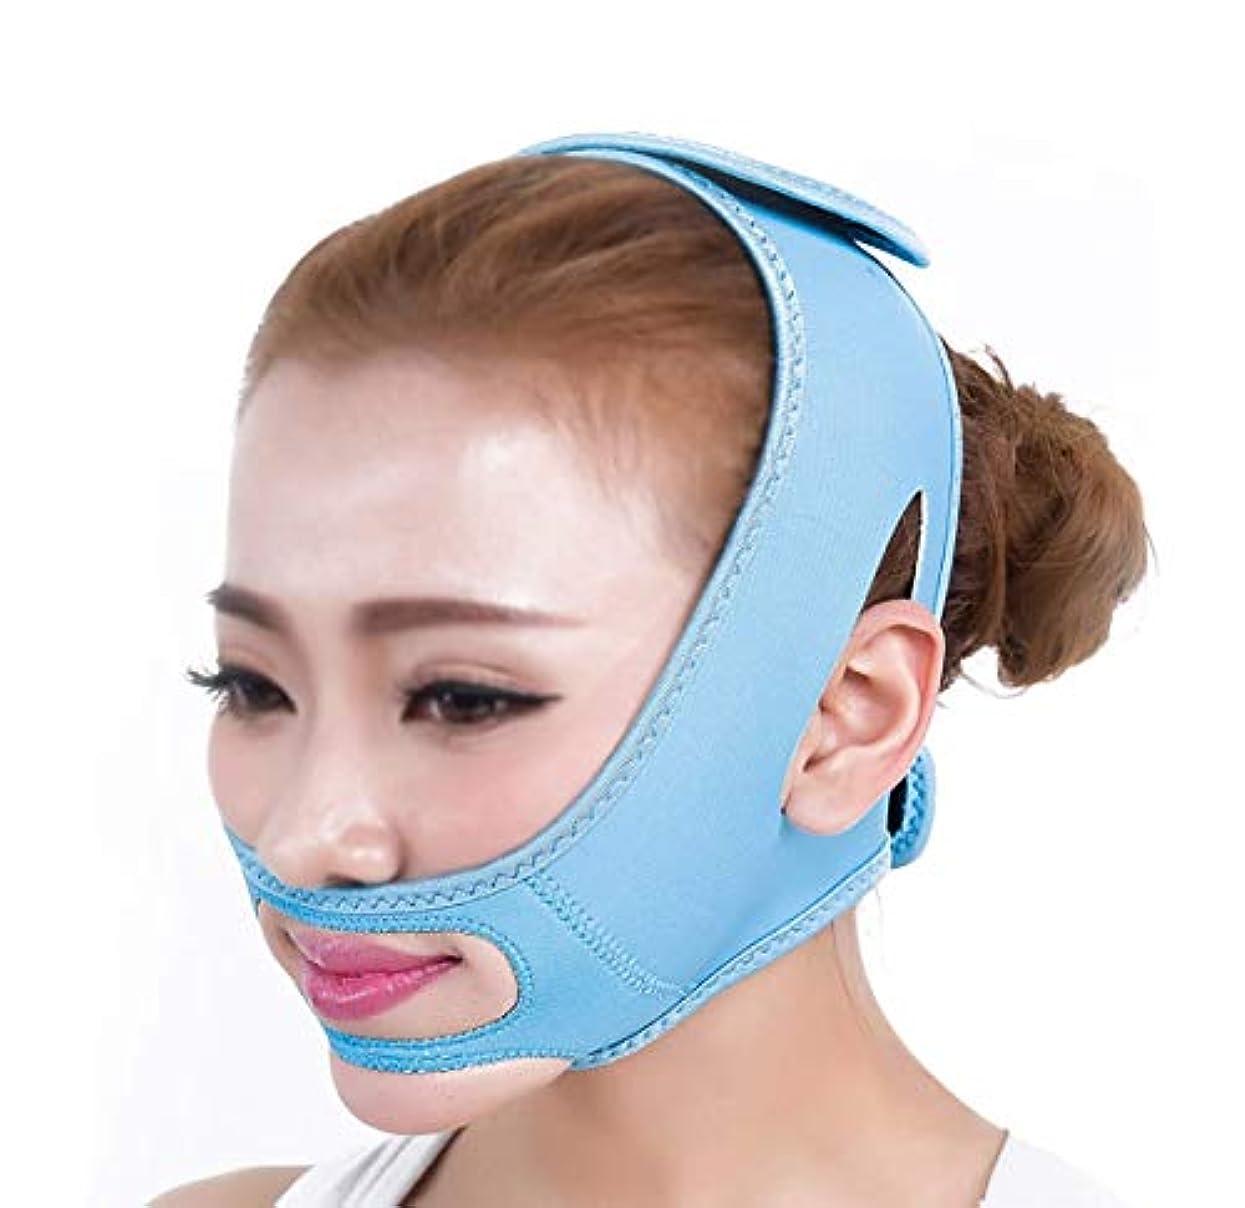 どのくらいの頻度でキャリッジ批判的スモールフェイスツールVフェイス包帯フェイシャルリフティングフェイシャルマッサージャー美容通気性マスクVフェイスマスク睡眠薄い顔青で